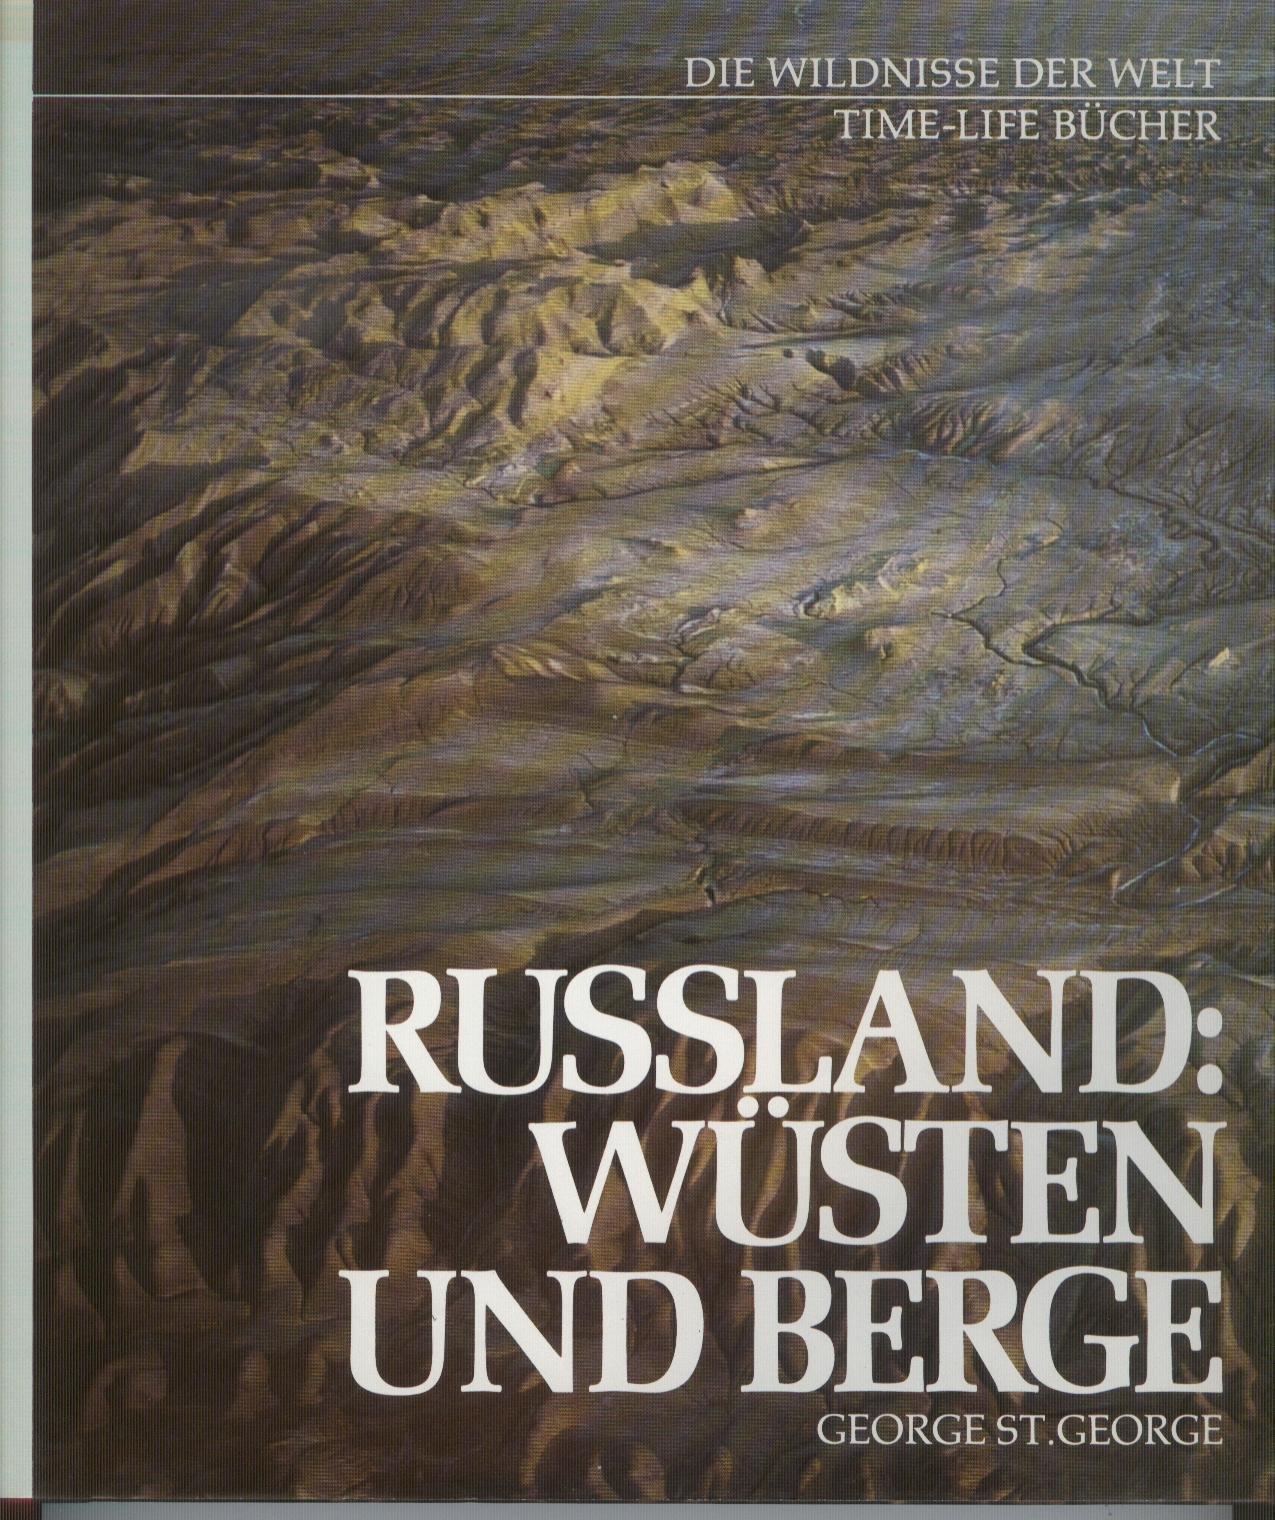 Wildnisse der Welt Wüsten und Berge Russland Time-Life